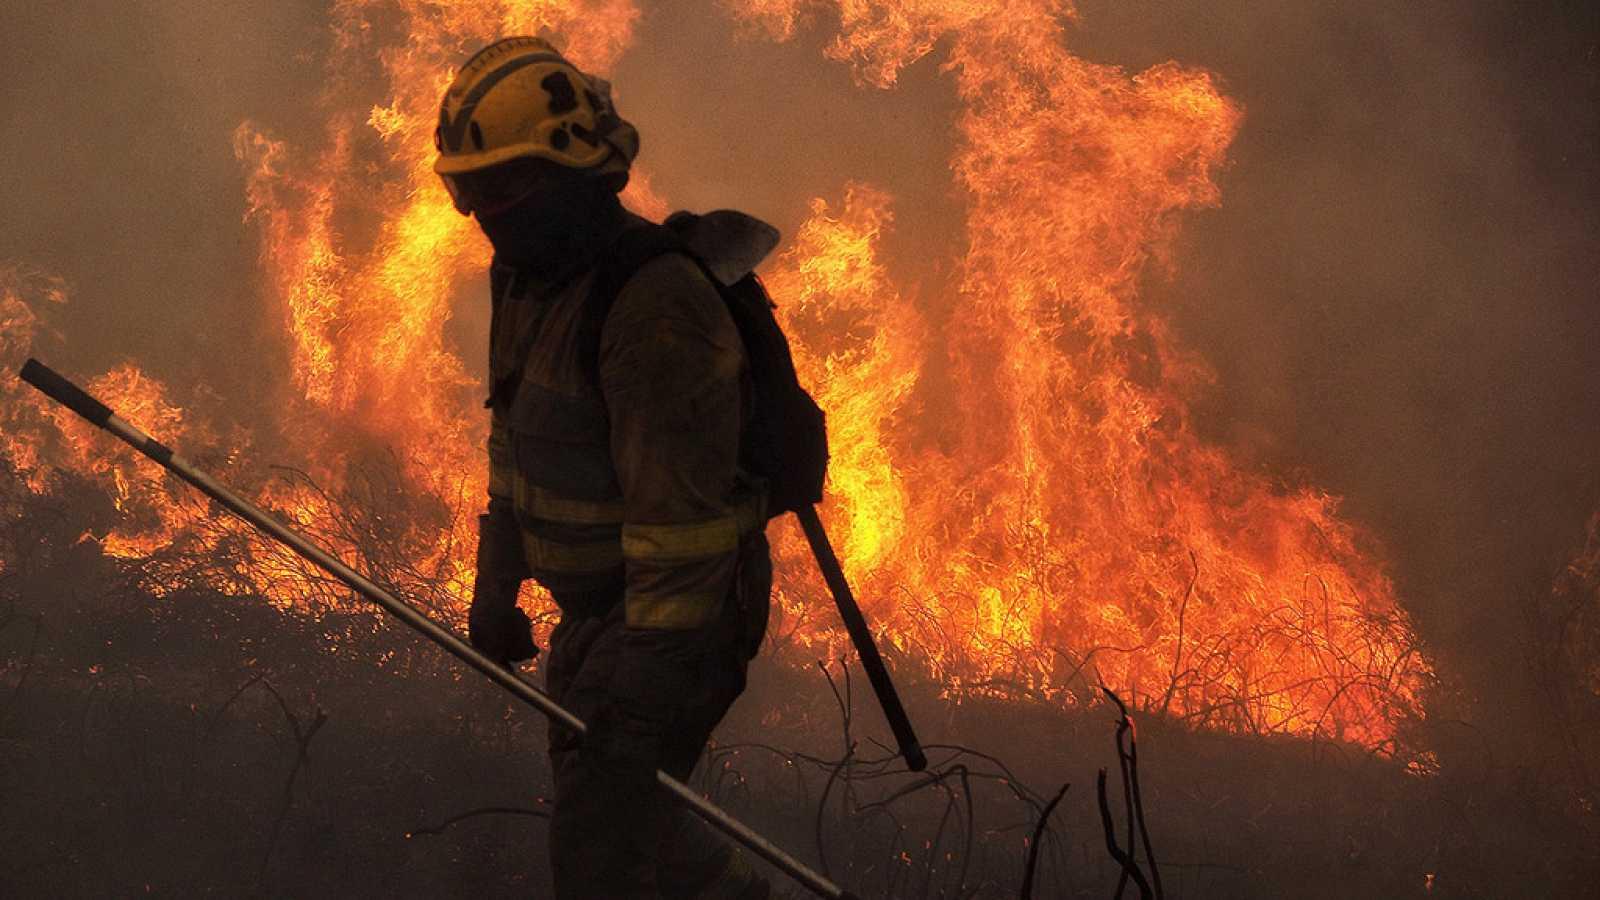 Incendios forestales en Galicia - Mueren dos personas en los incendios que azotan Galicia